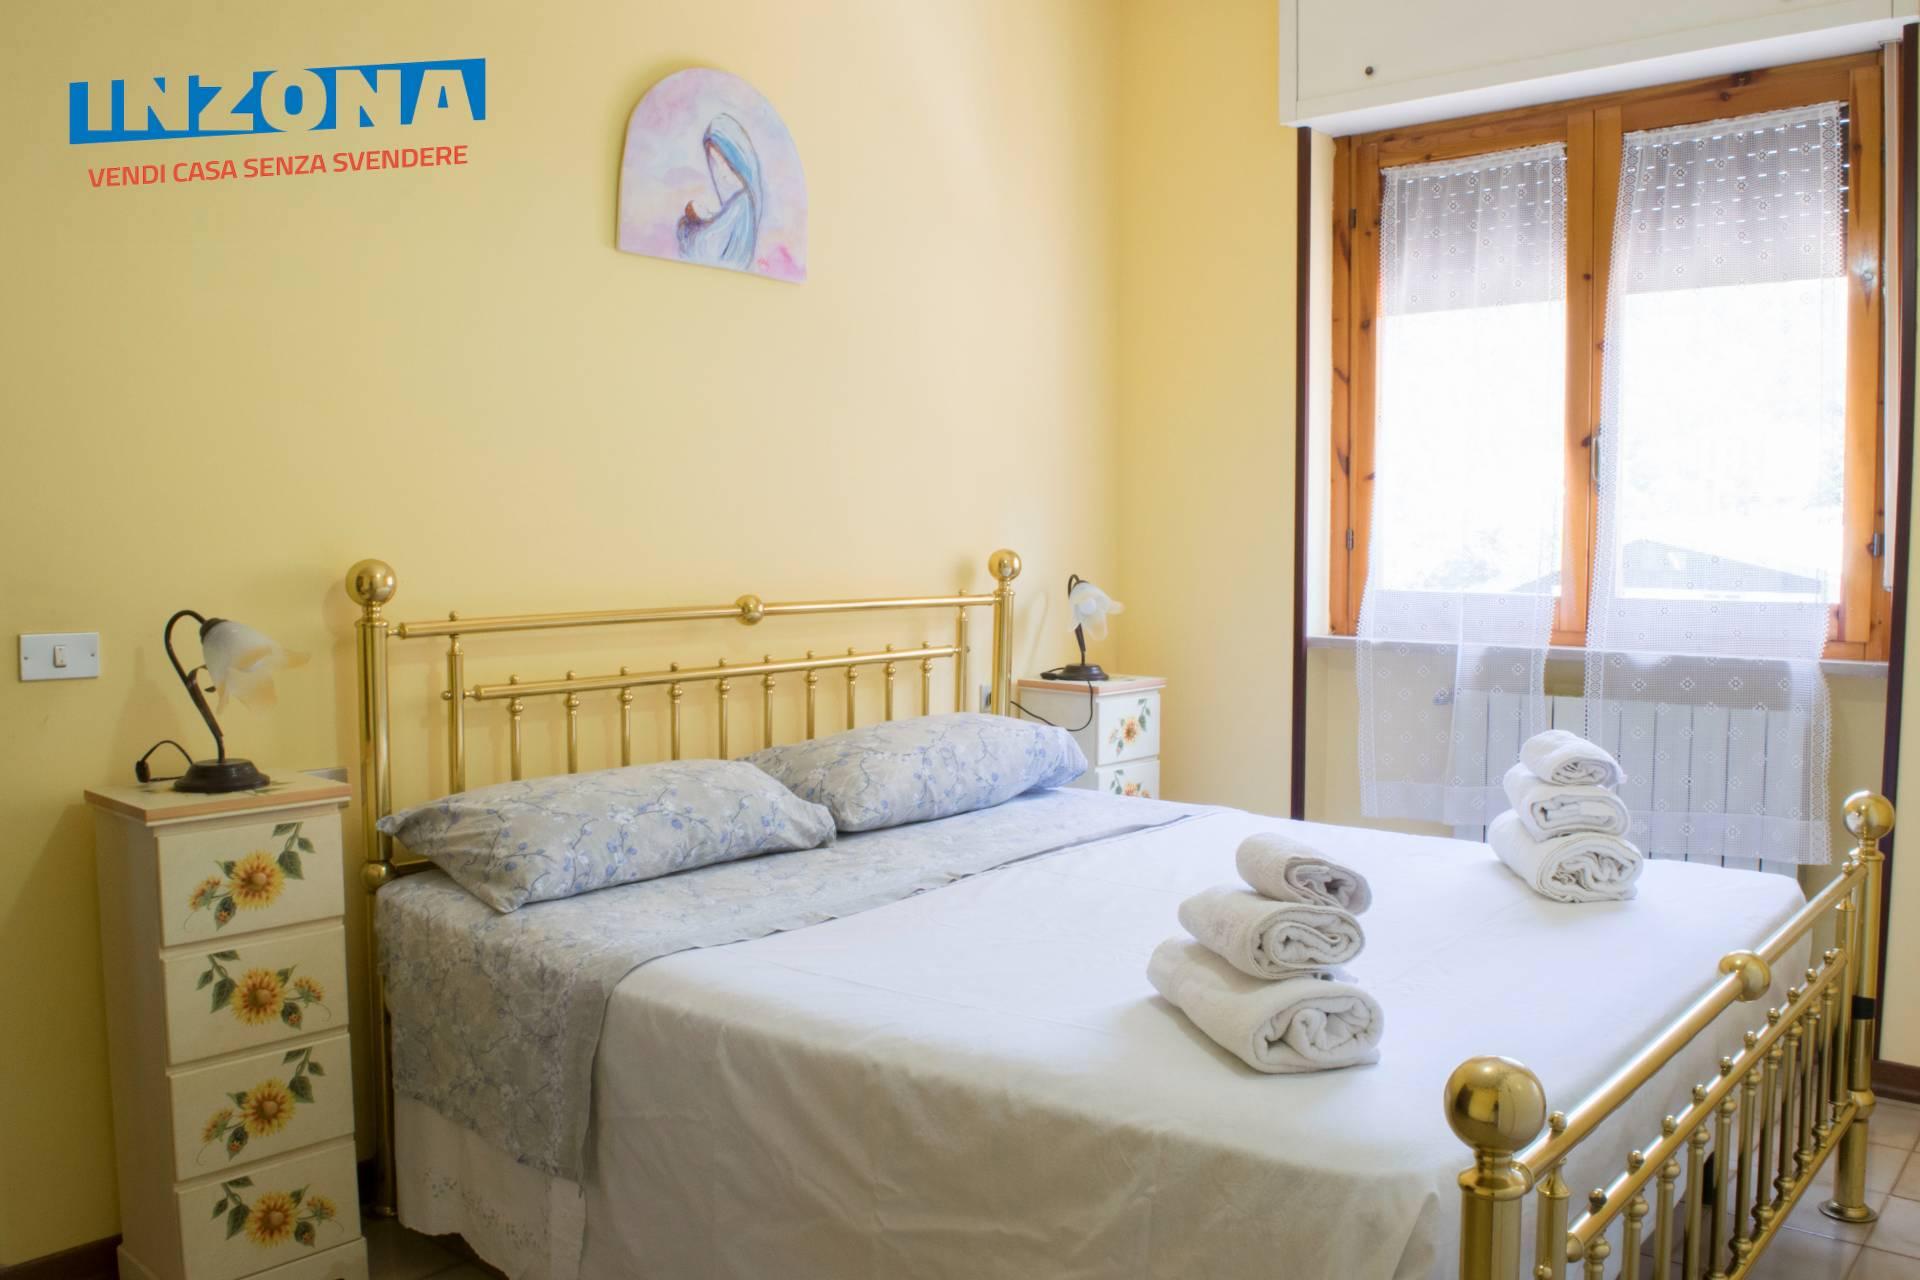 Appartamento in vendita a Caramanico Terme, 2 locali, prezzo € 59.000   CambioCasa.it